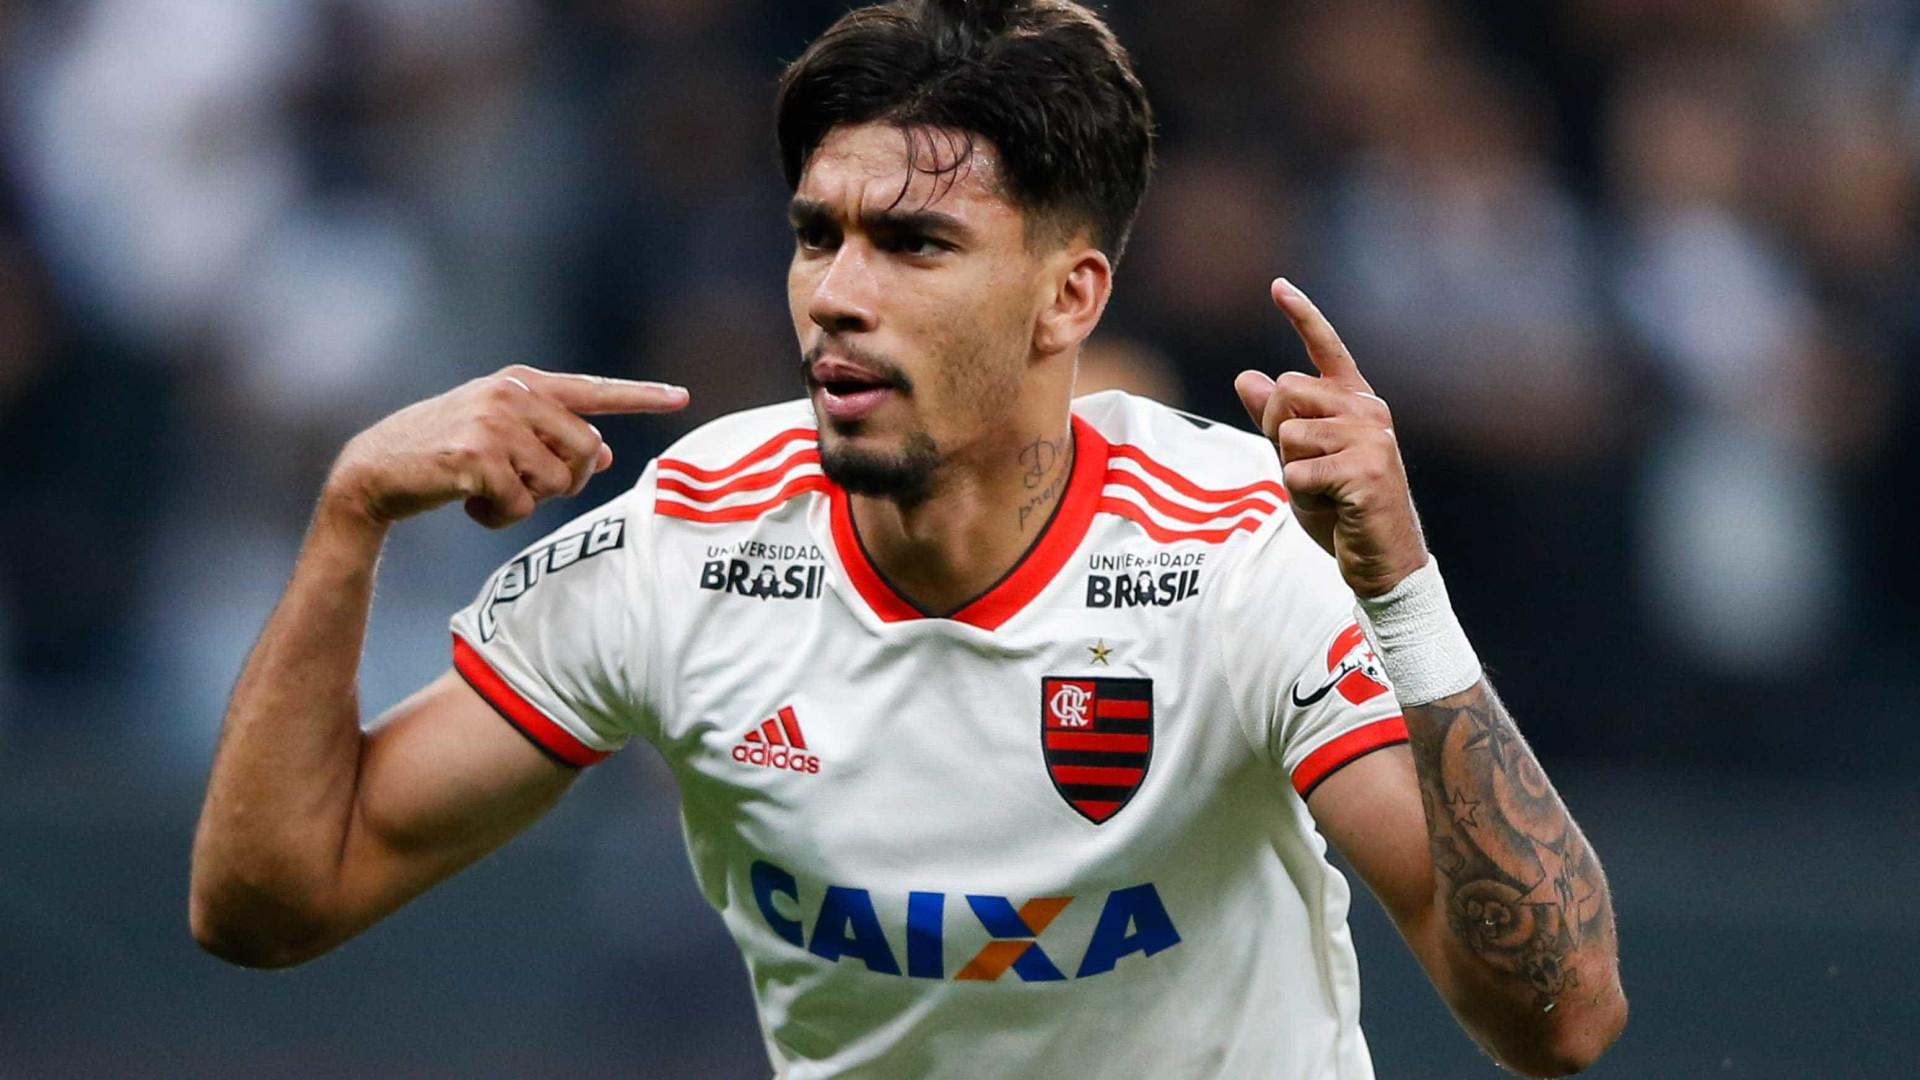 Saiba o que influenciou a saída de Paquetá do Flamengo